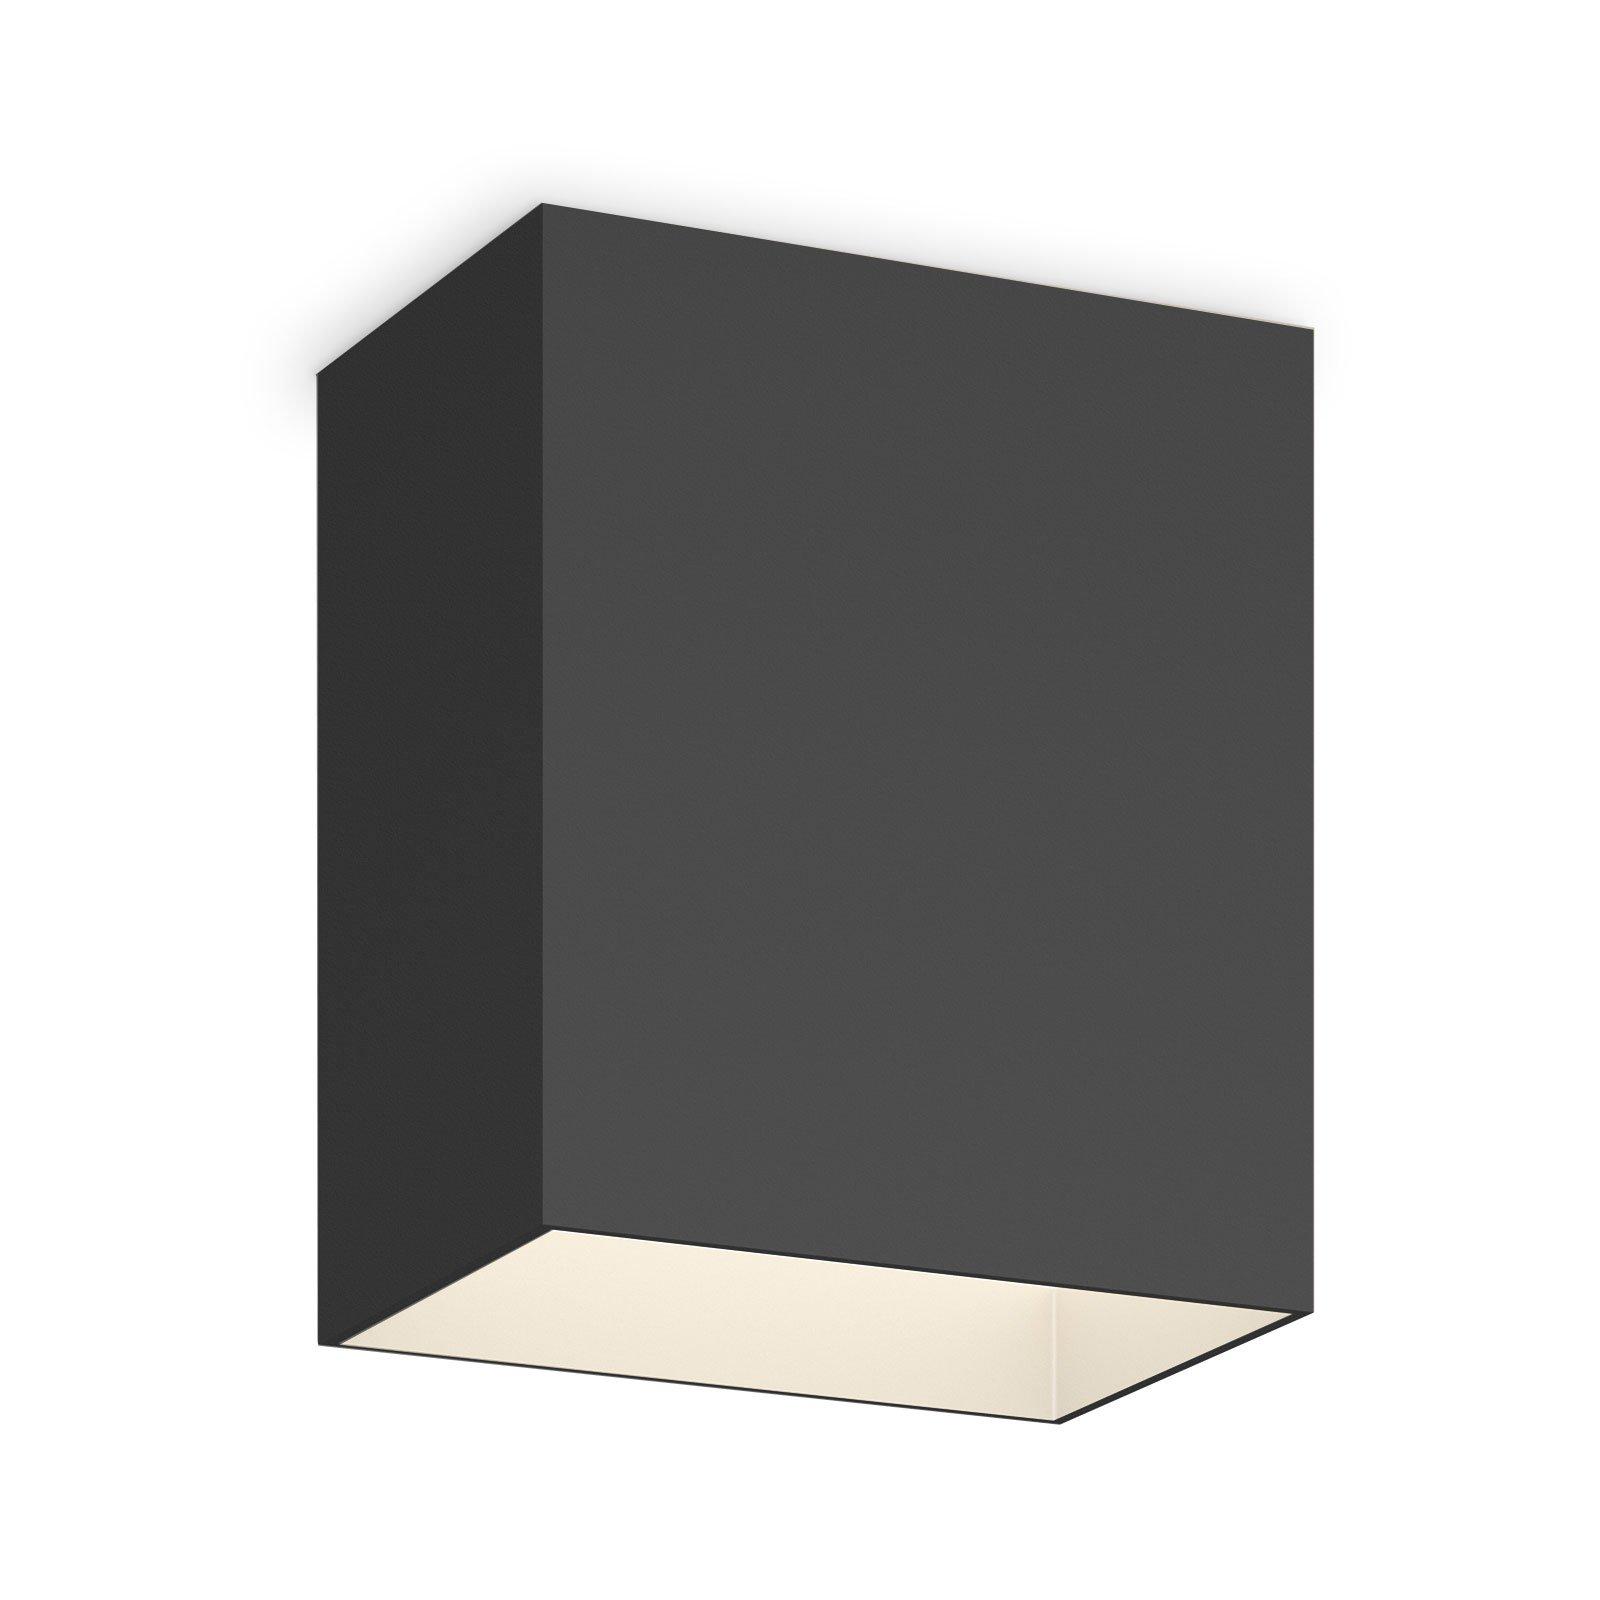 Vibia Structural 2630 taklampe 18 cm, mørkegrå